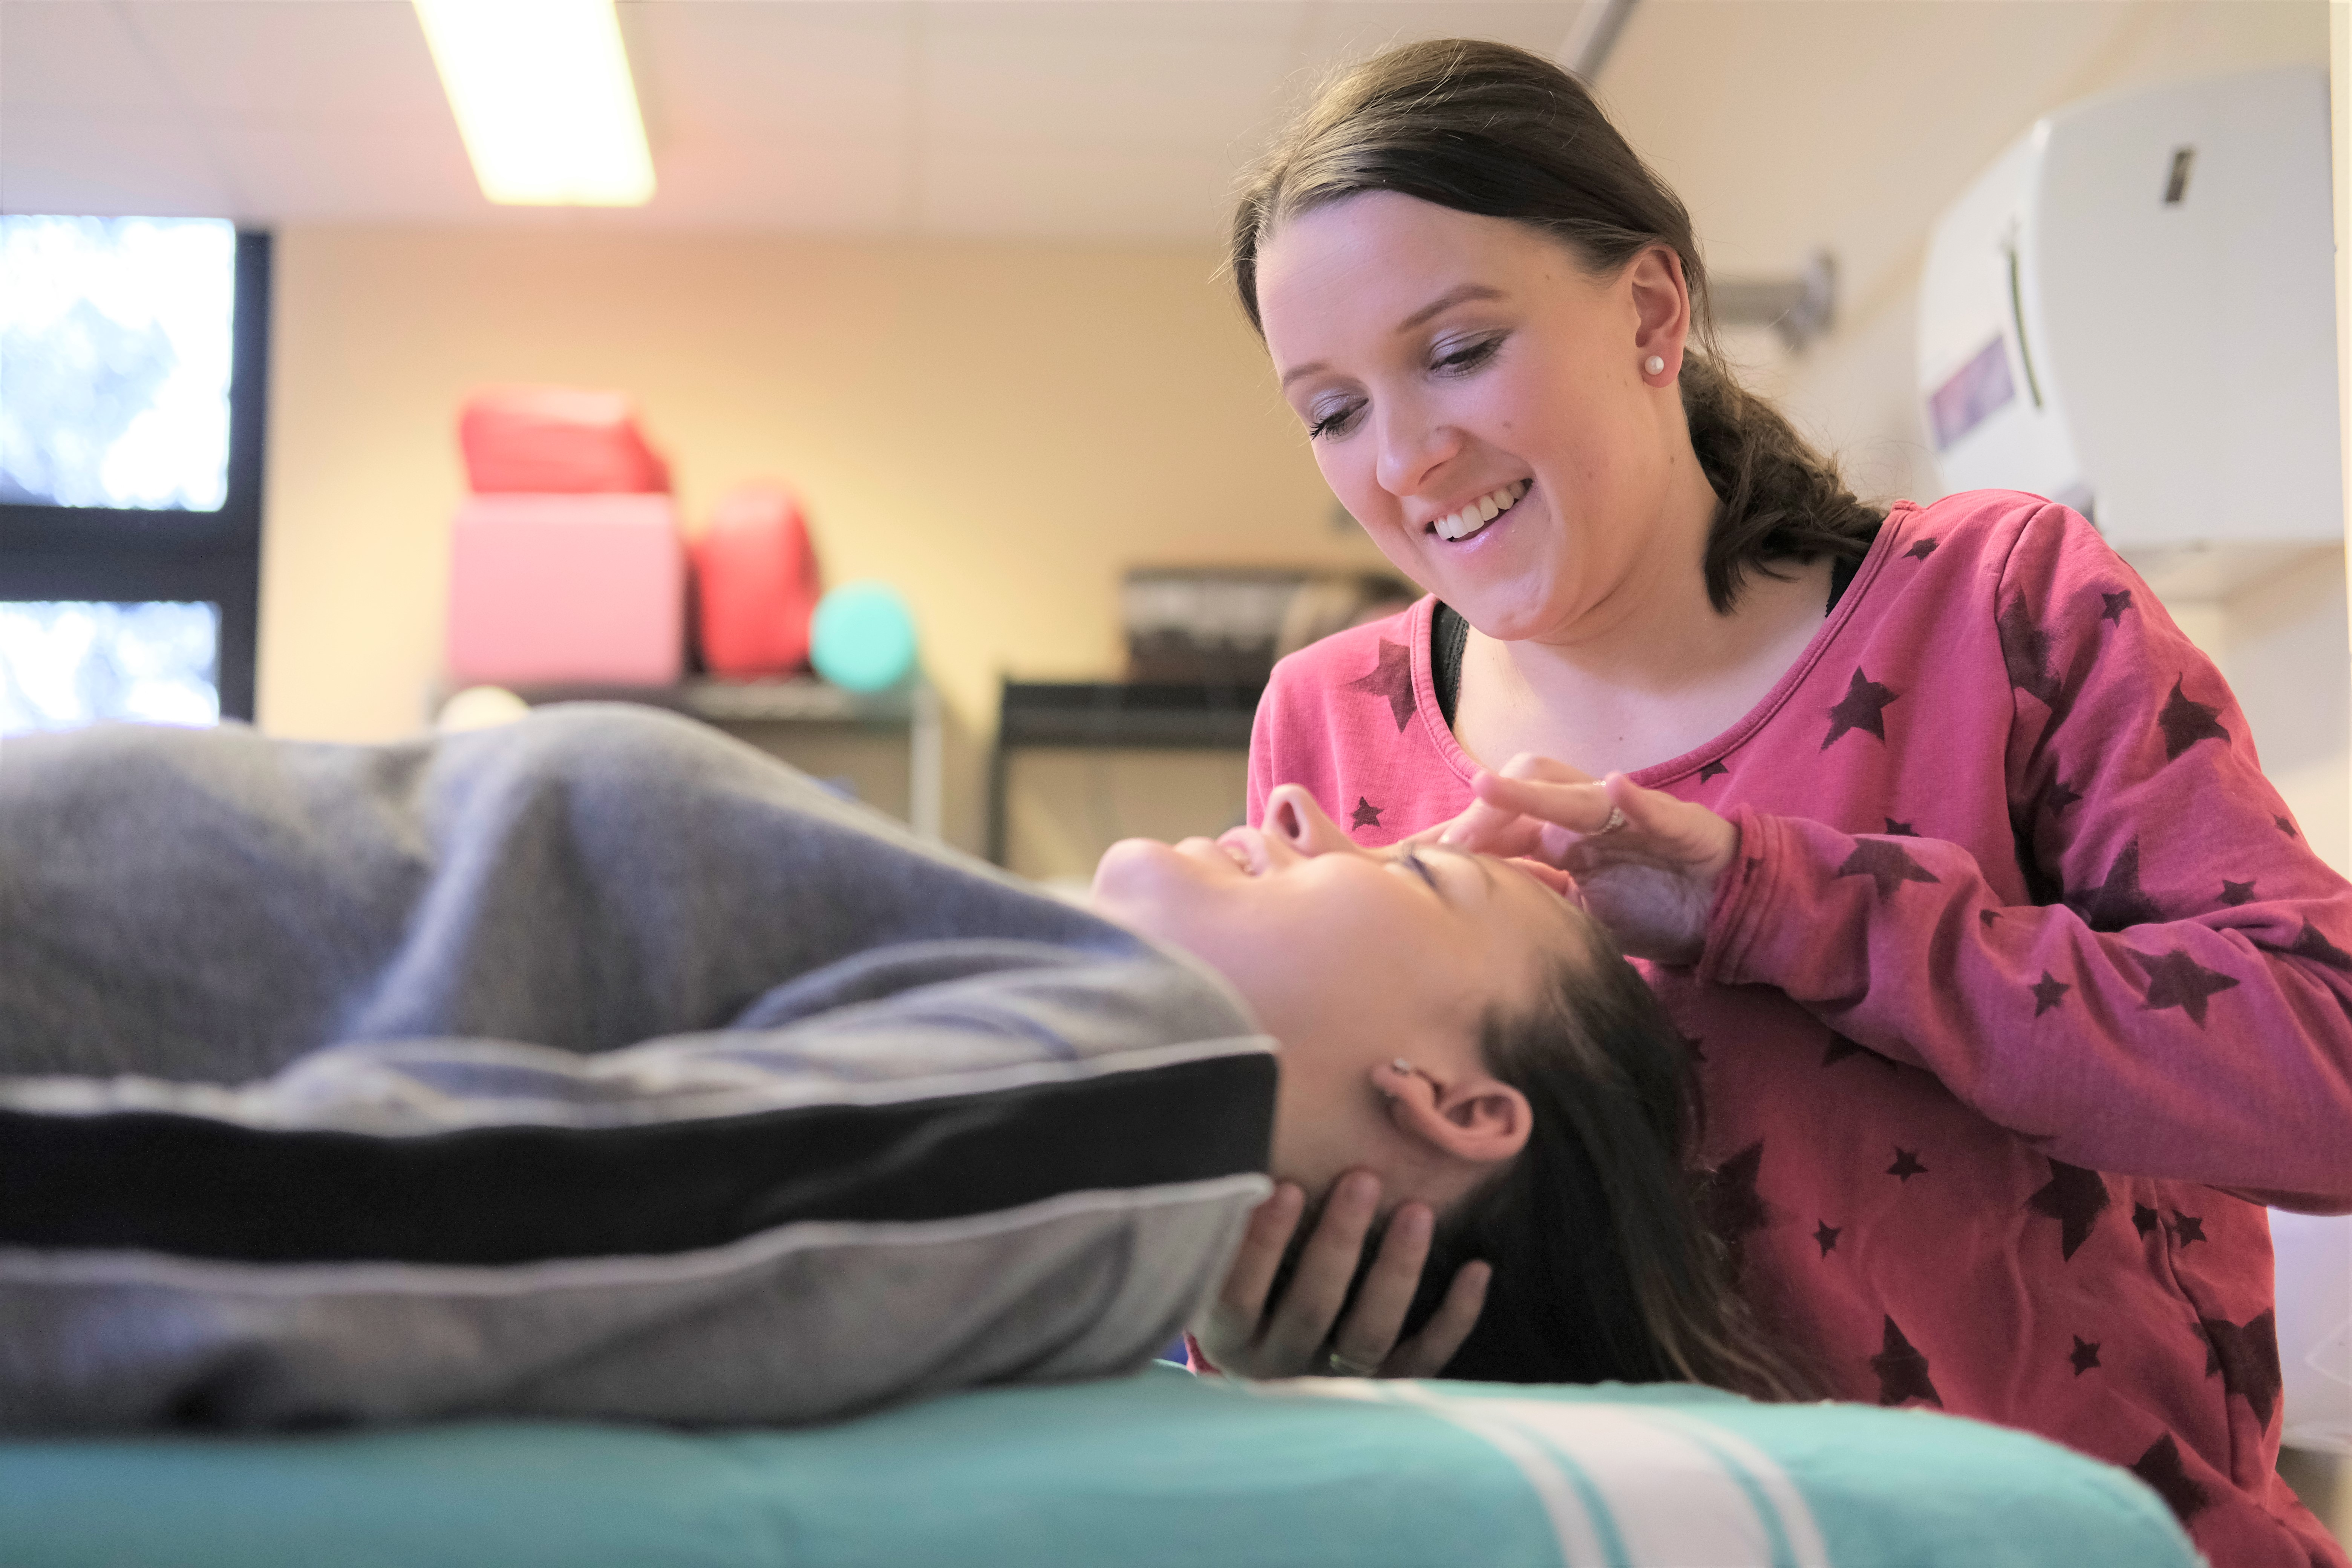 Mit Spaß dabei: Im Unterricht lernen die Physio-Schüler an der Bernd-Blindow-Schule praxisnah die Handgriffe, die sie später im Beruf einmal anwenden. Foto: tro